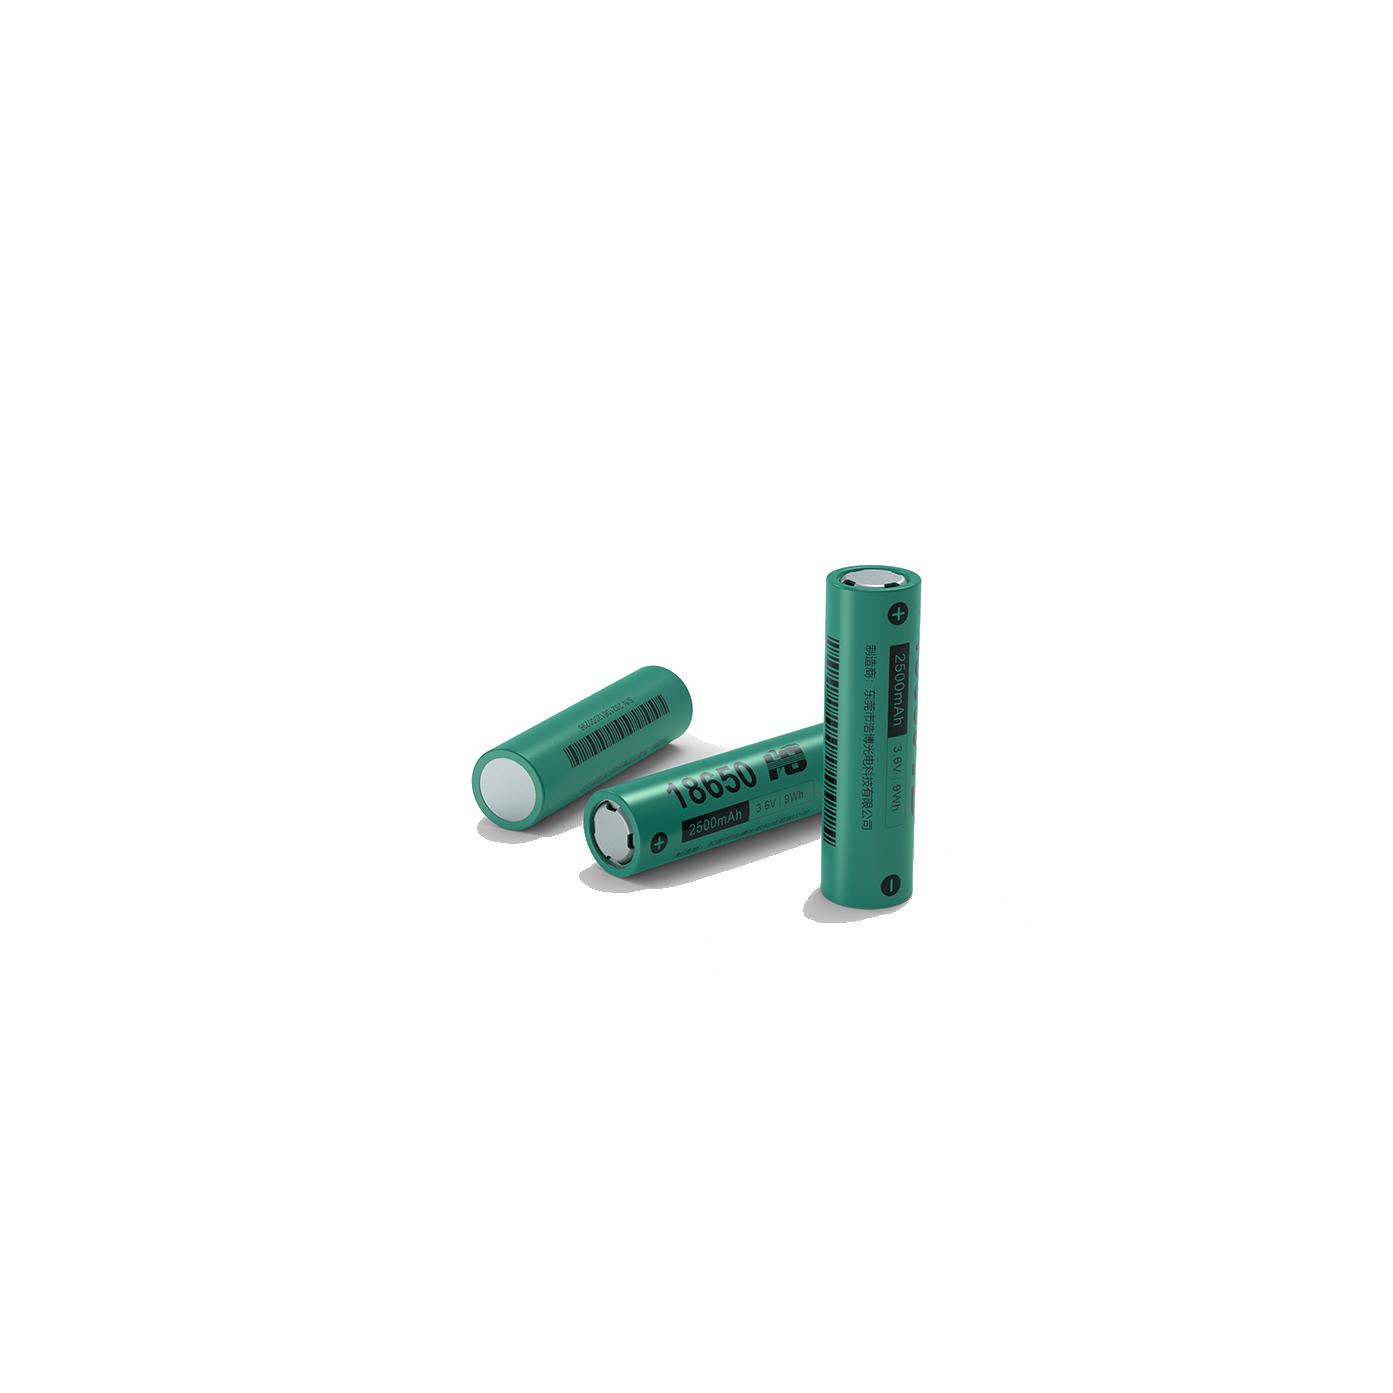 浩博18650特种锂电池2500mAh三元3.7V定制-50℃低温充电电源厂家